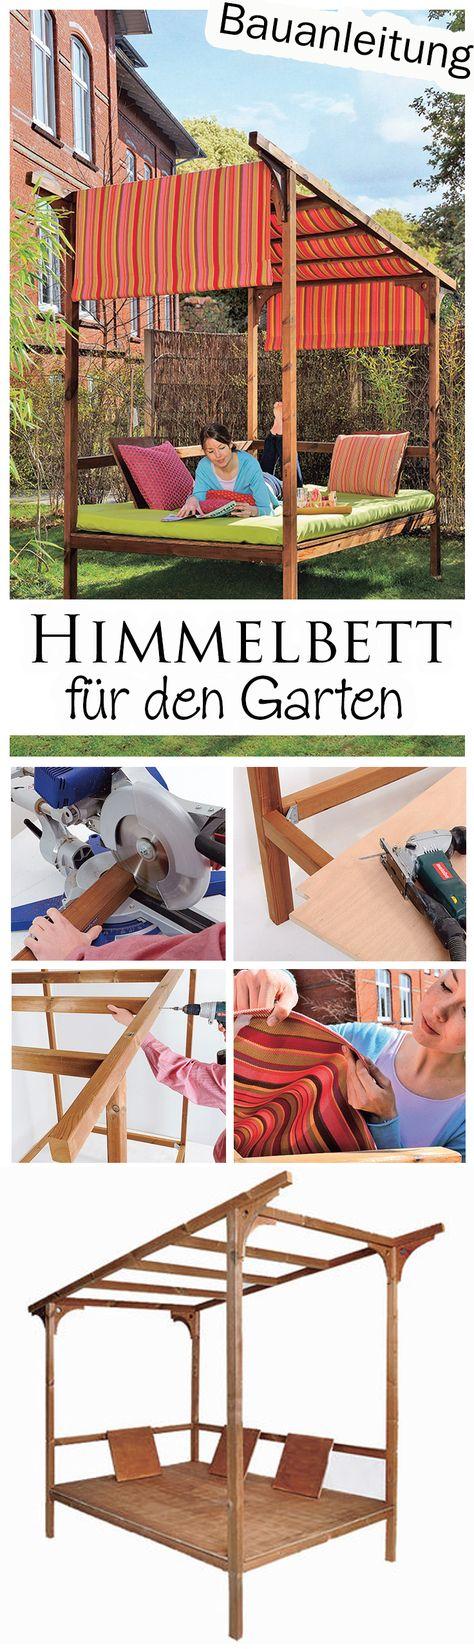 Daybed outdoor selber bauen  Himmelbett für den Garten | Gartenliege, Himmelbett und Markise